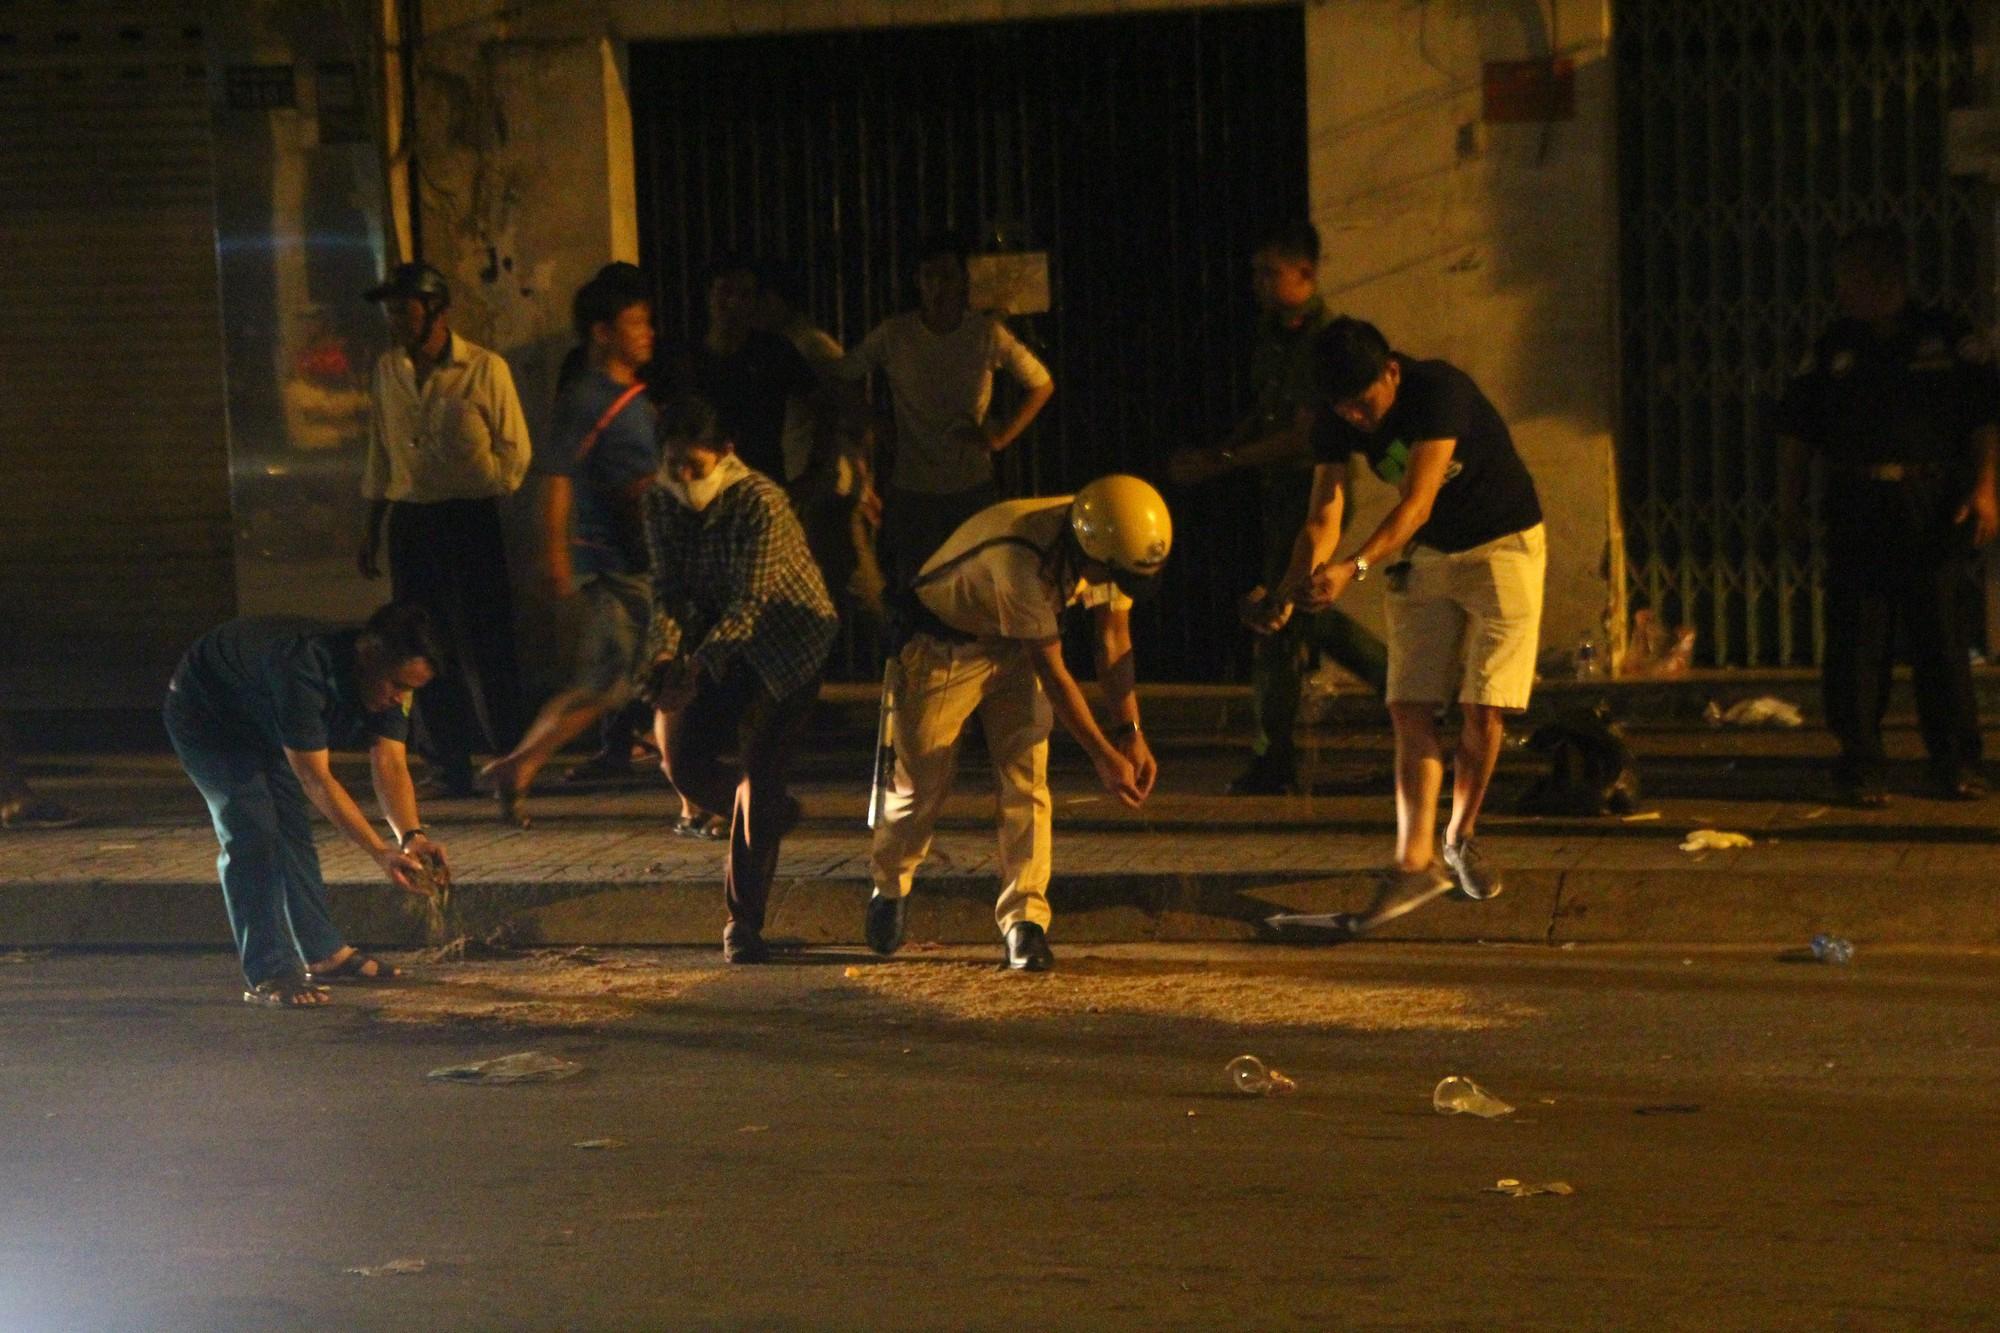 Hiện trường vụ băng trộm SH đâm chết 3 người ở Sài Gòn - Ảnh 5.